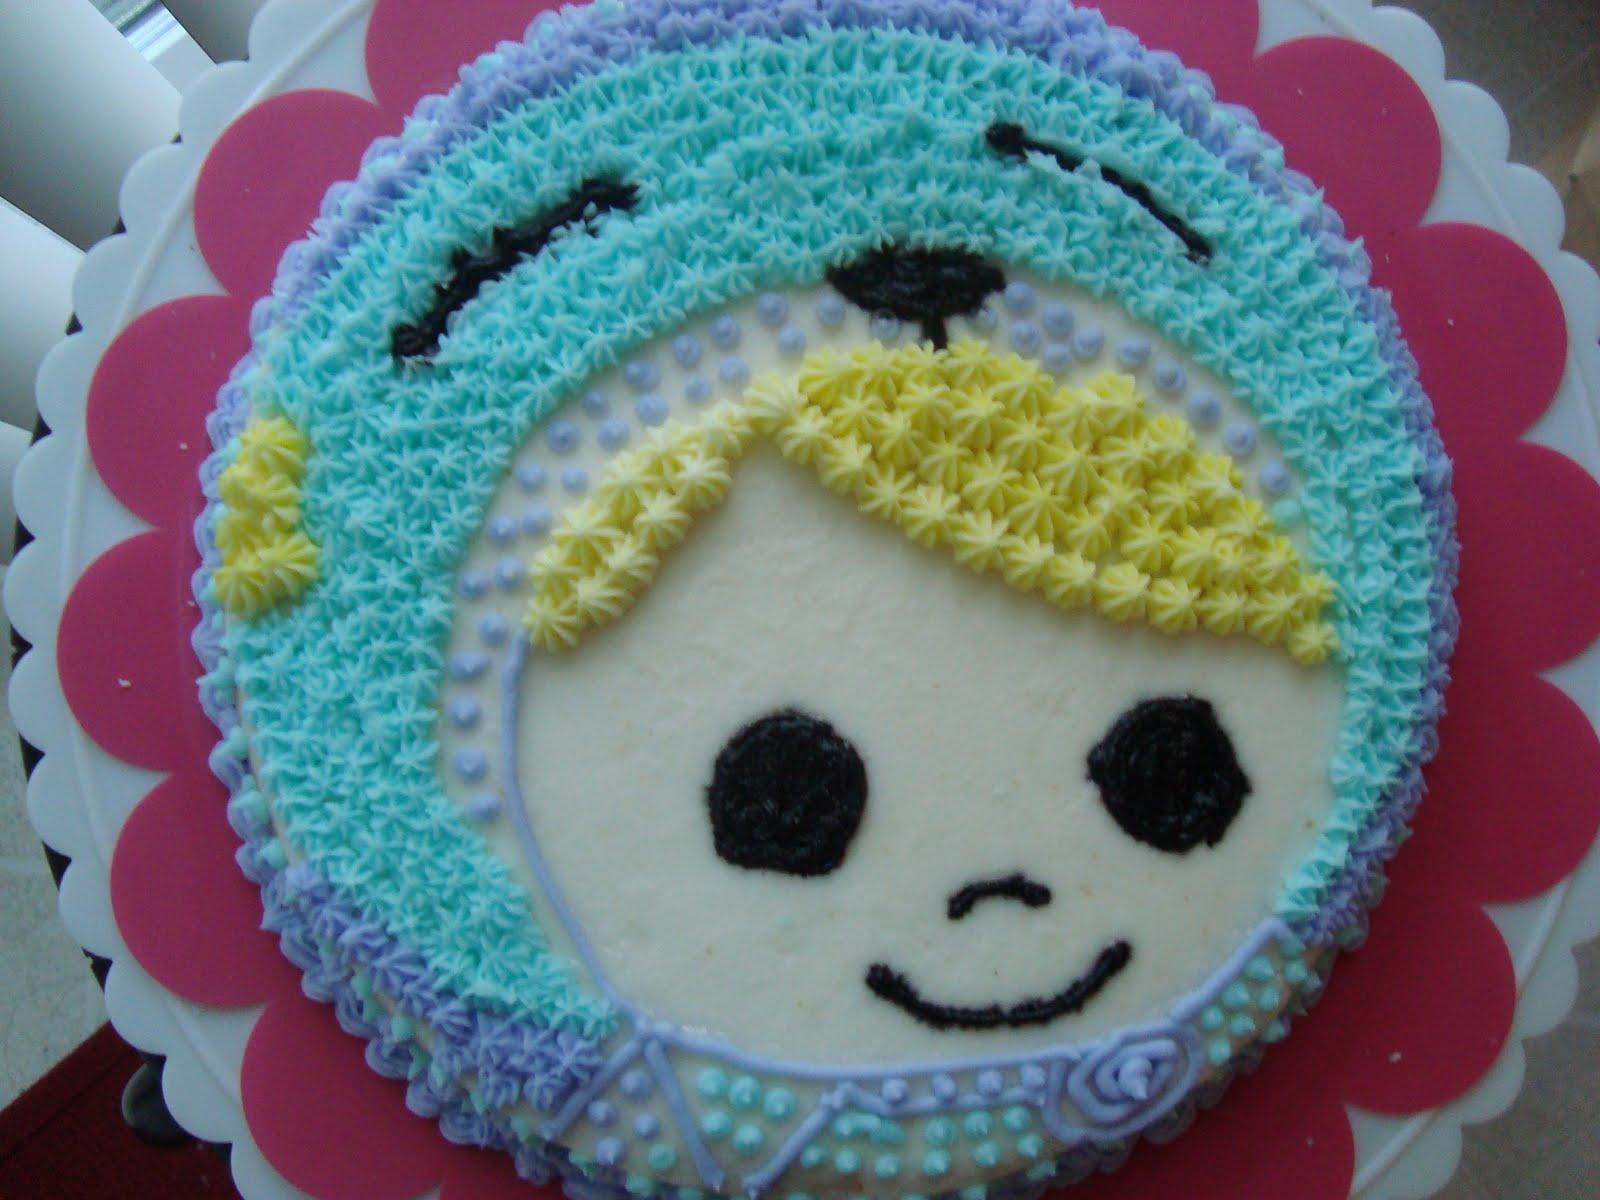 Cake Decor Daisy : Daisy s: Cake Decorating